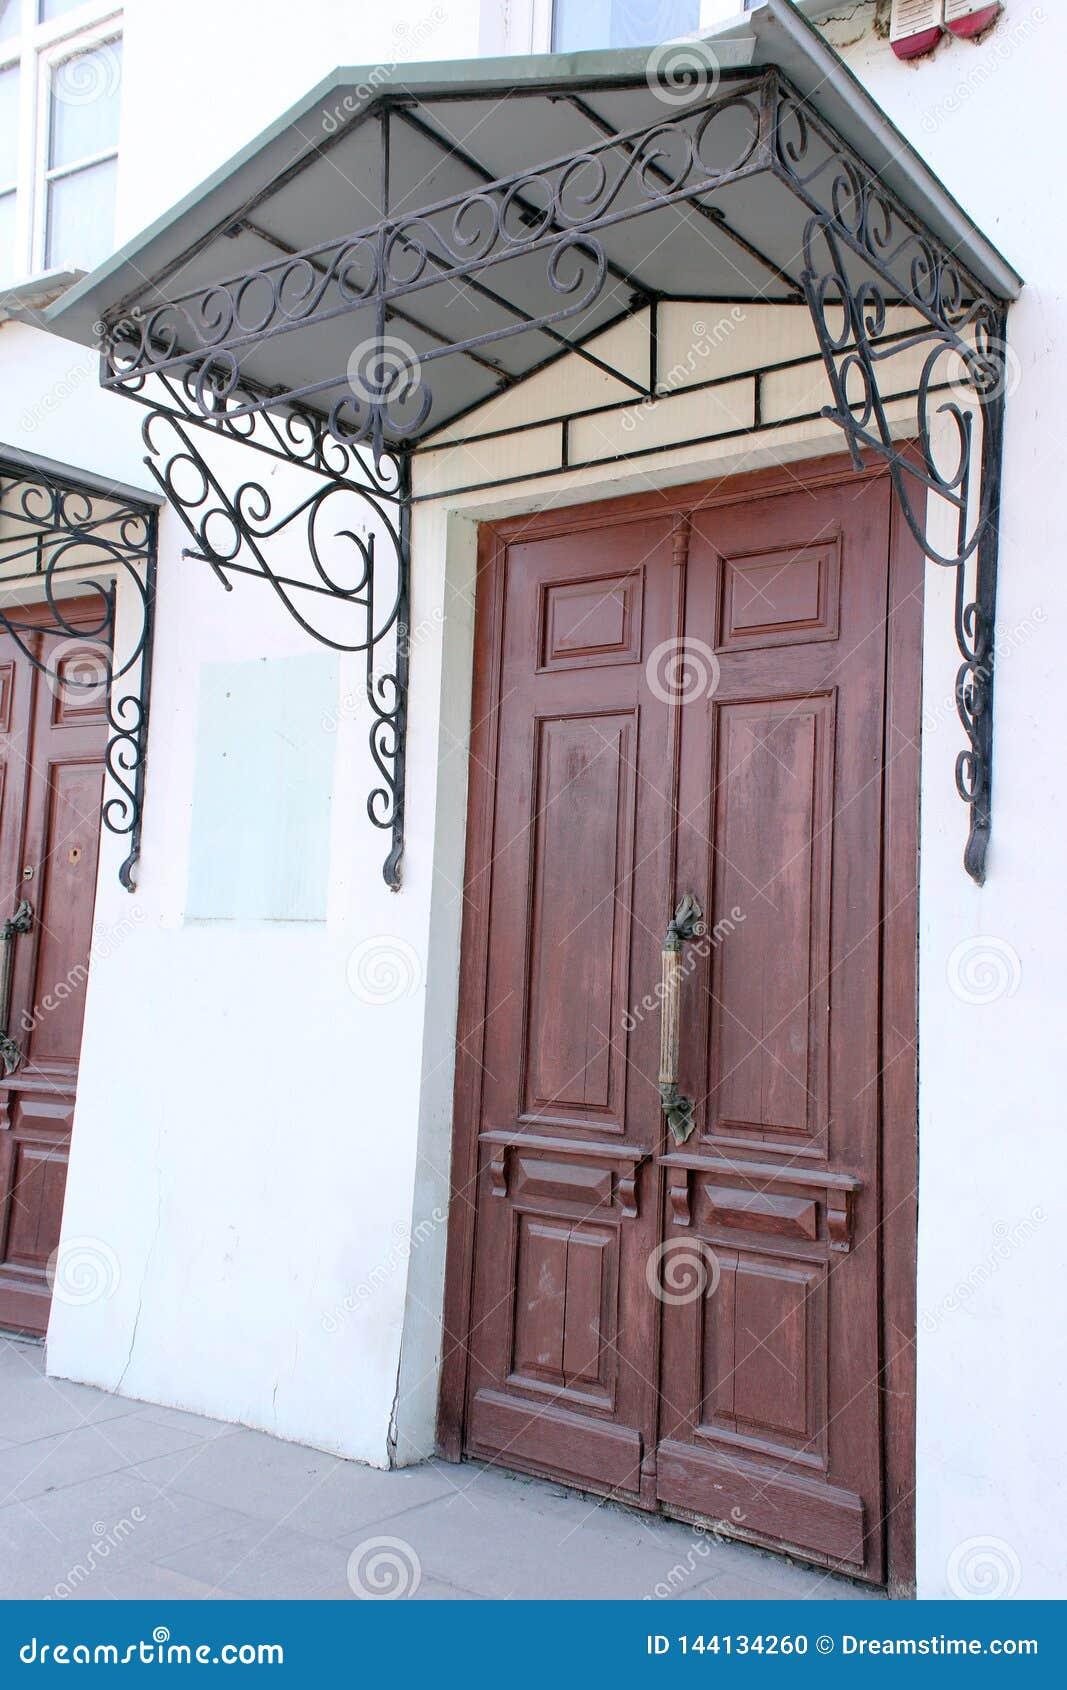 Oggetto d antiquariato, porta, rosso, città, architettura, visiera forgiata, portico Fine del XIX secolo